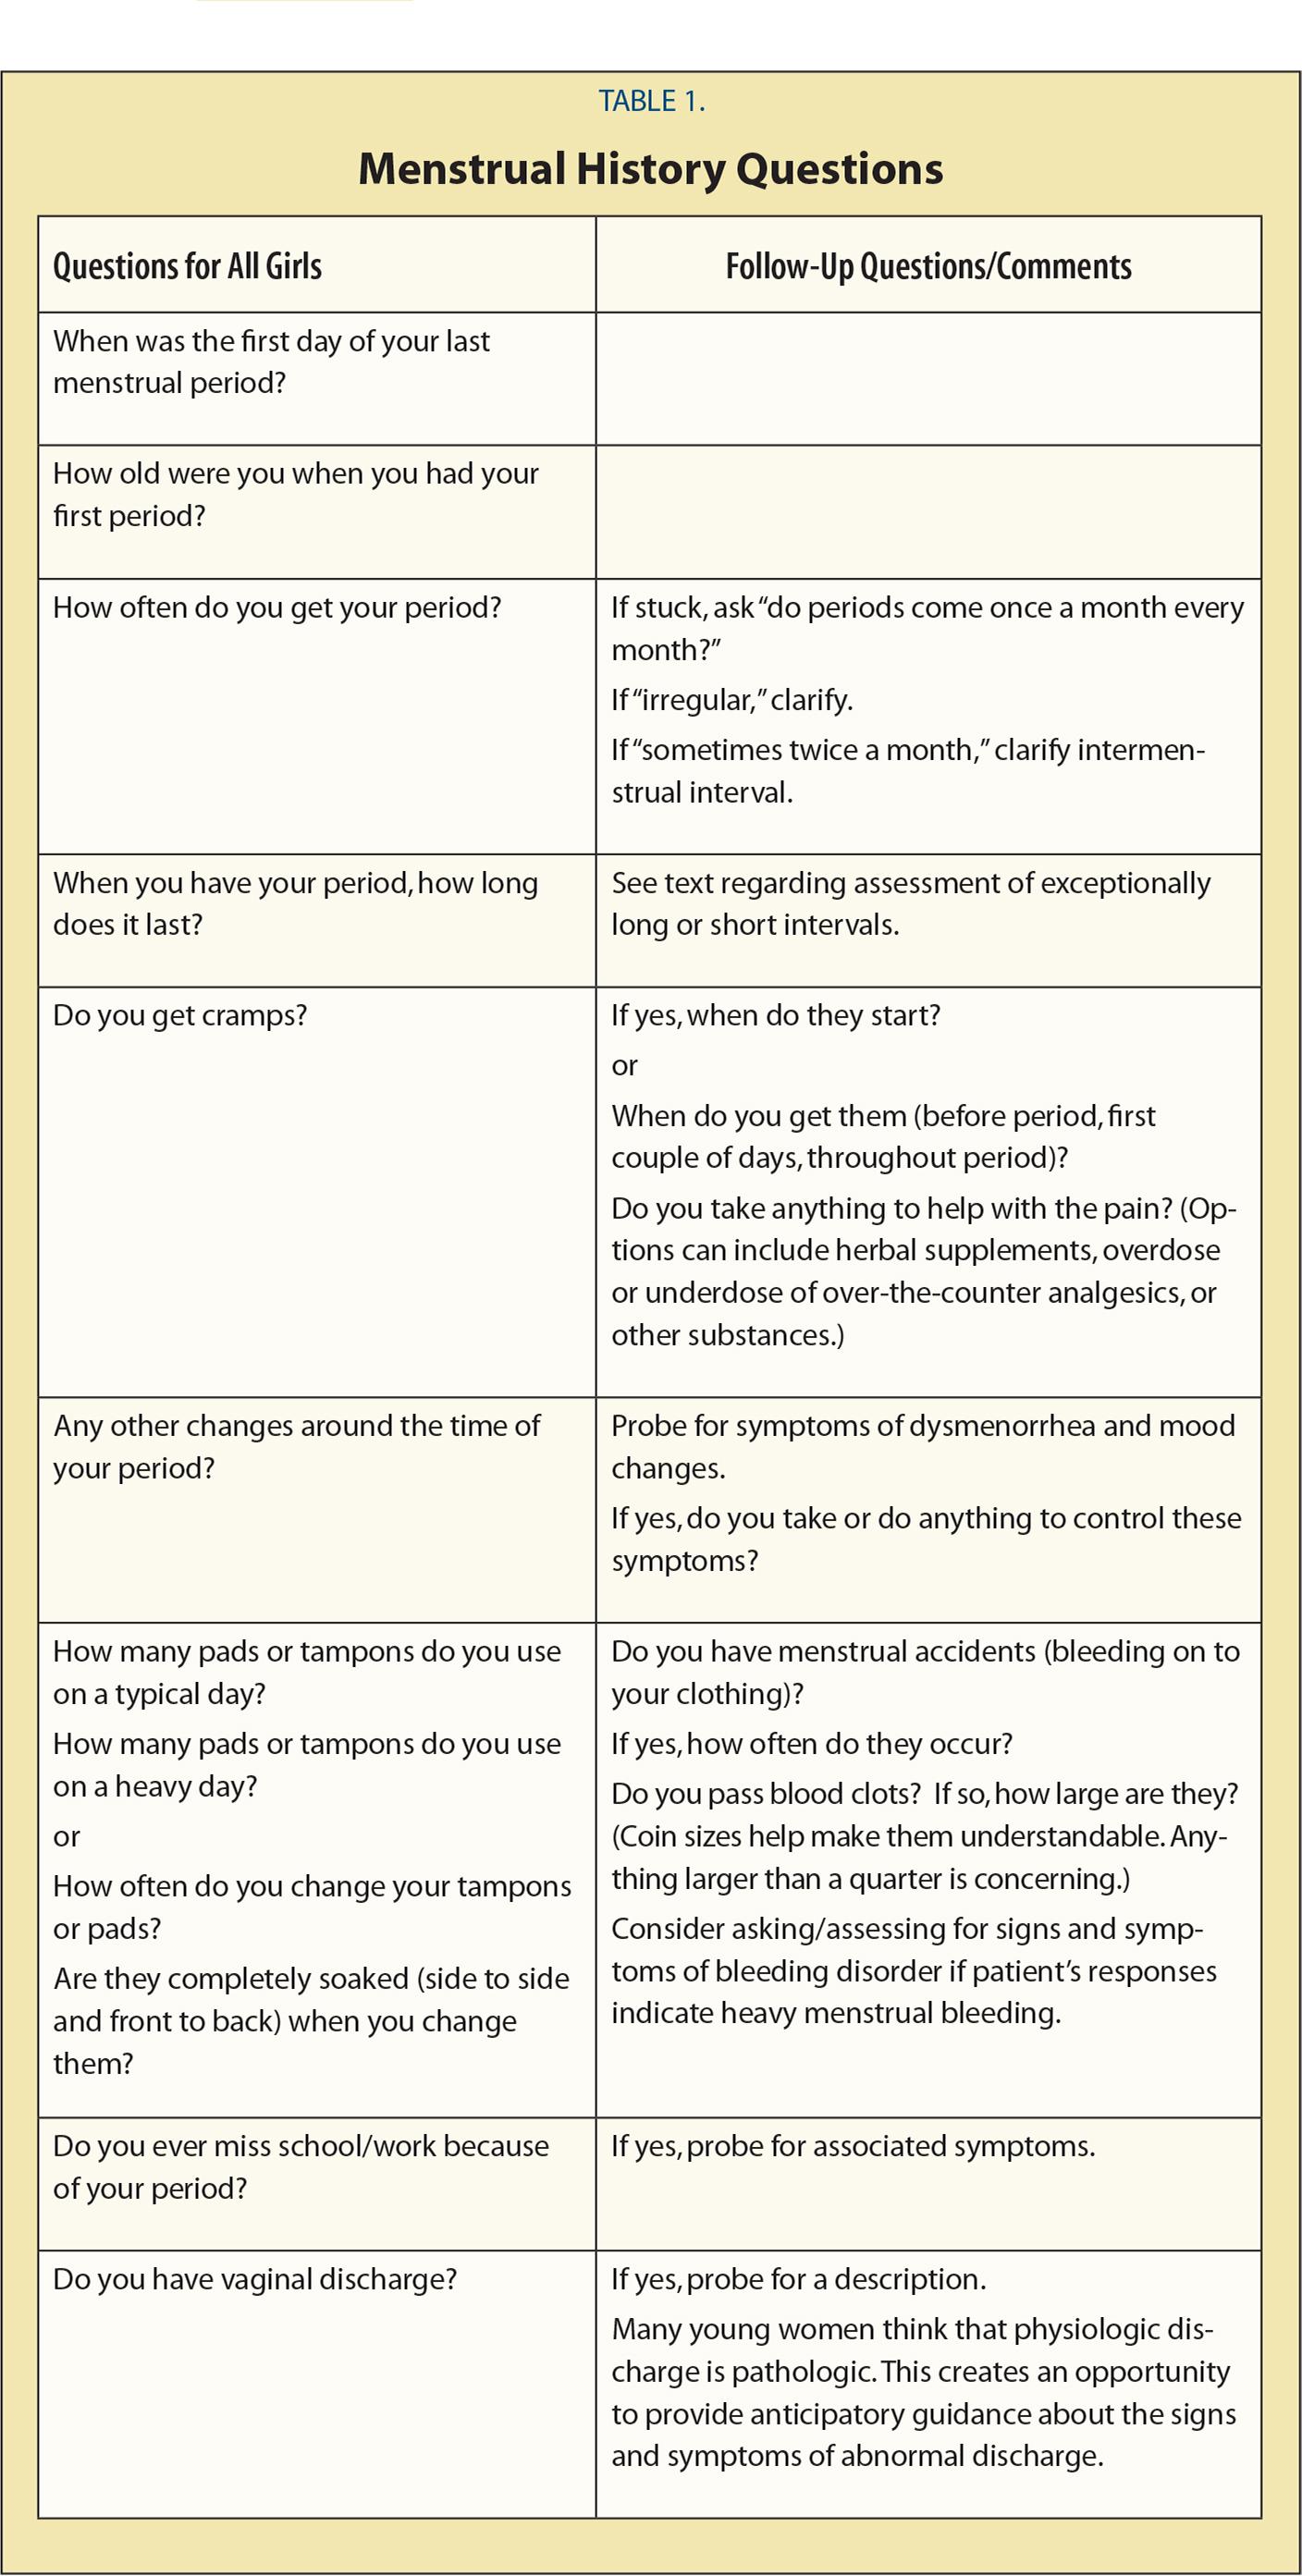 Menstrual History Questions